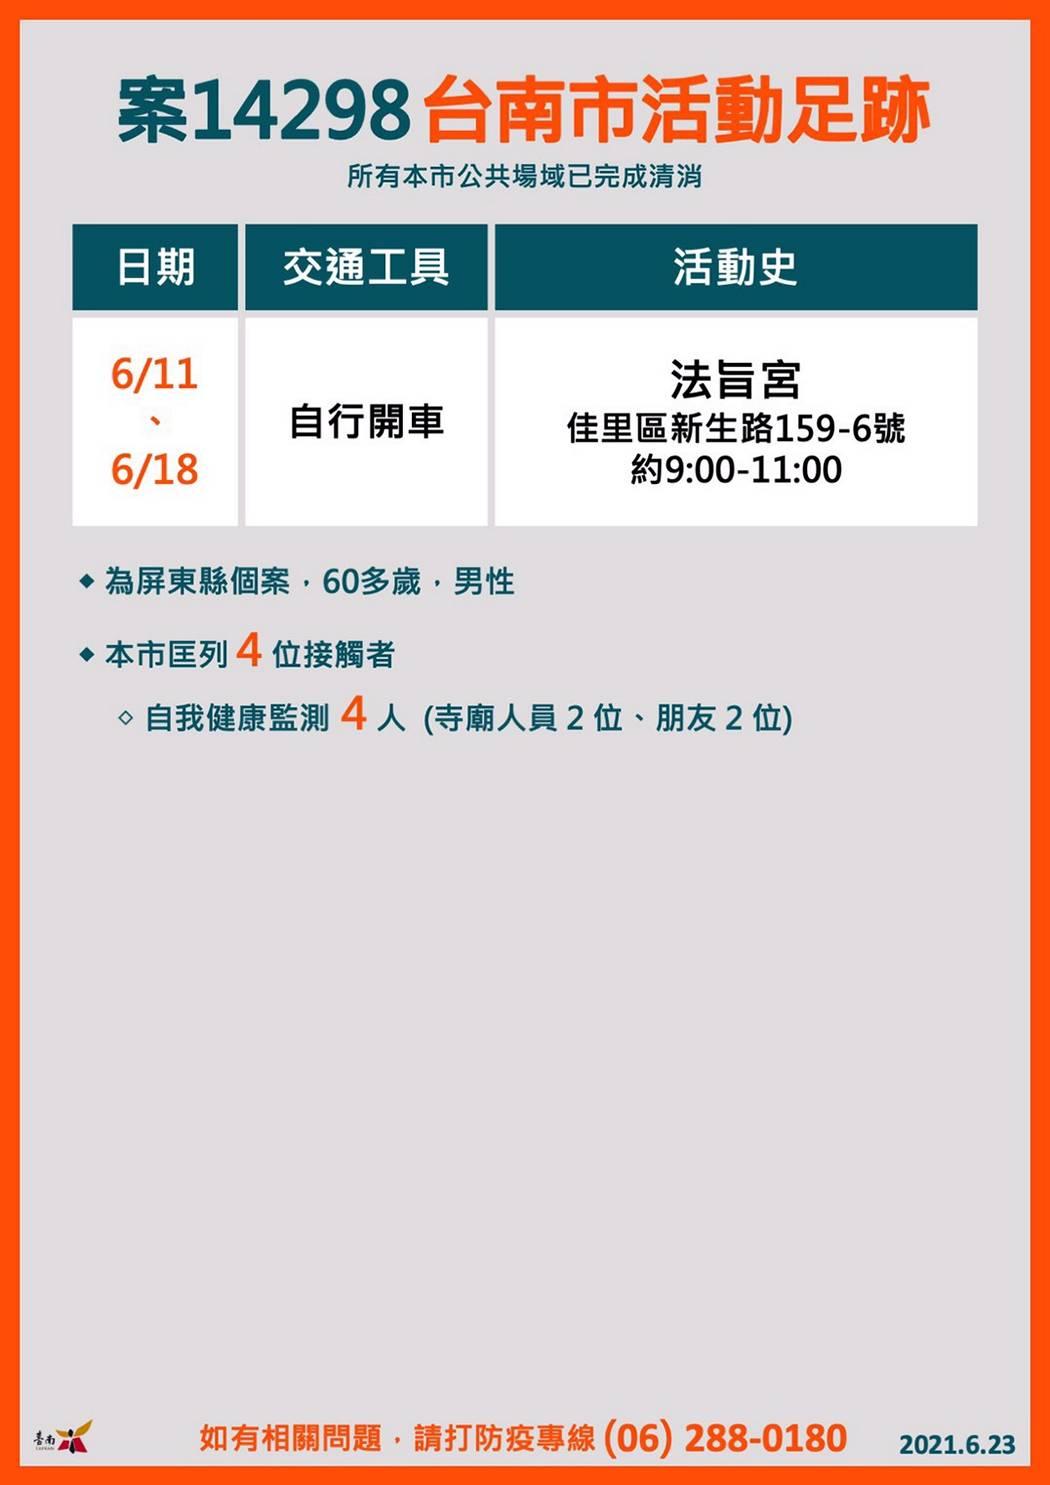 1100623案14298台南市活動足跡